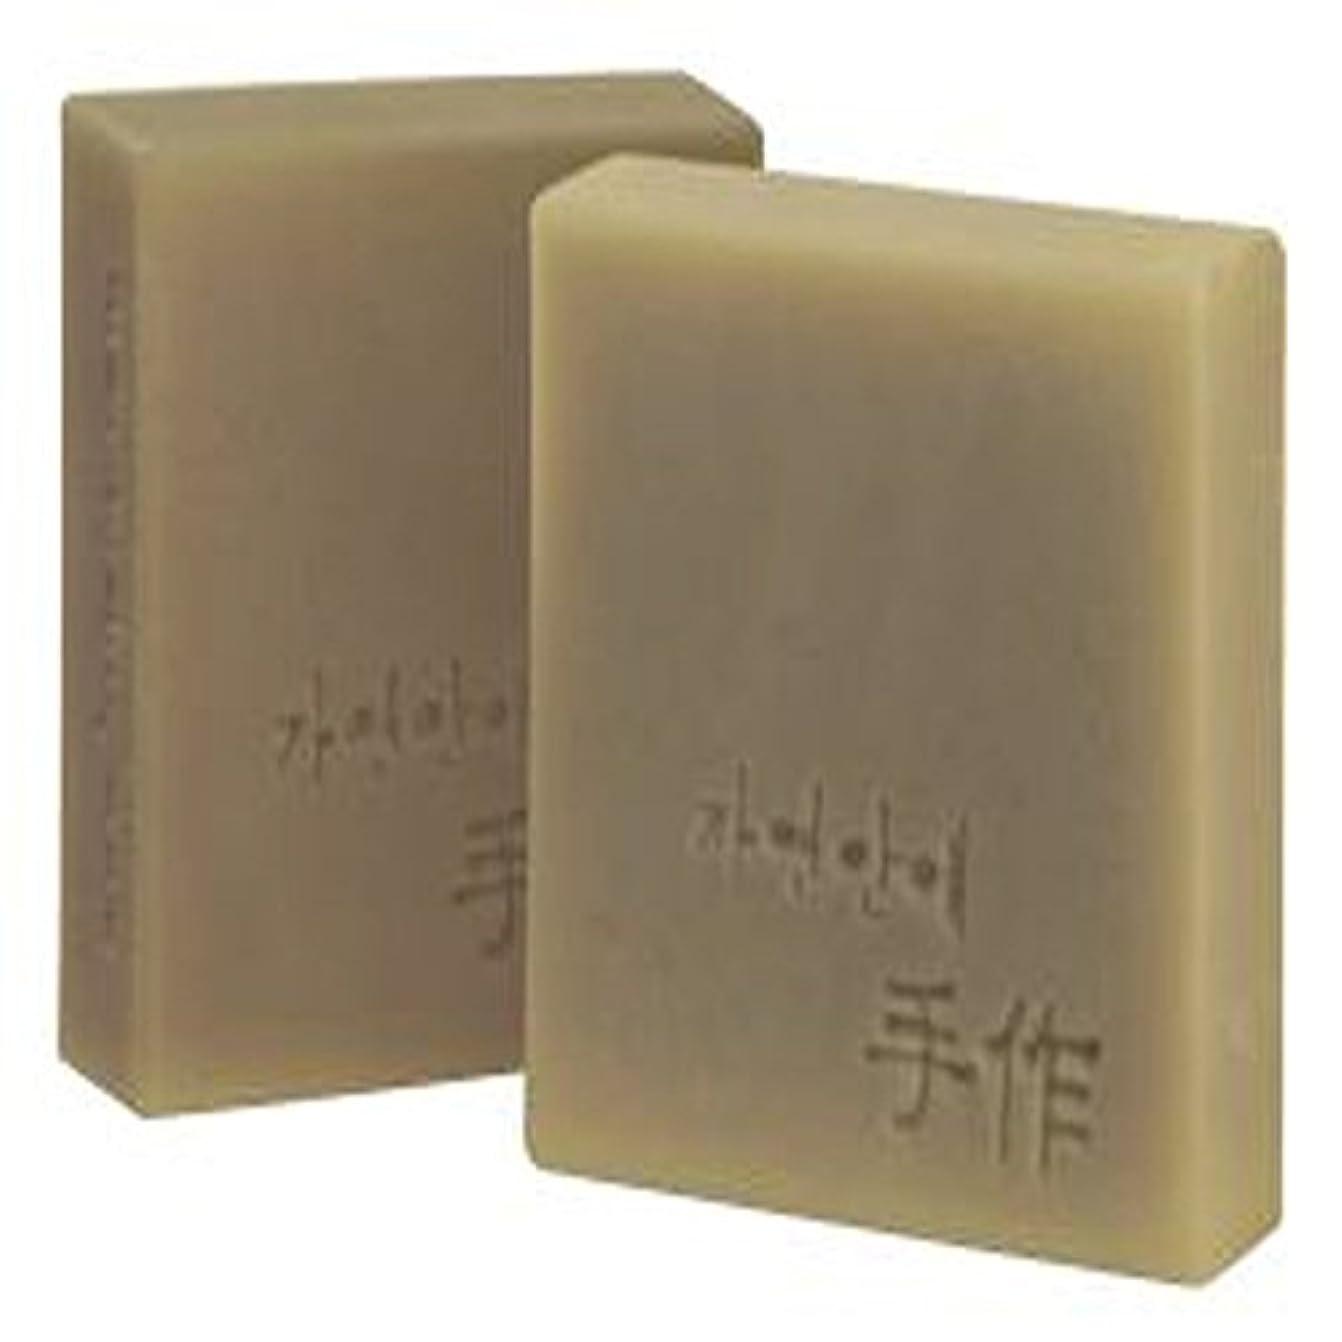 時折応用進化するNatural organic 有機天然ソープ 固形 無添加 洗顔せっけんクレンジング [並行輸入品] (何首烏)